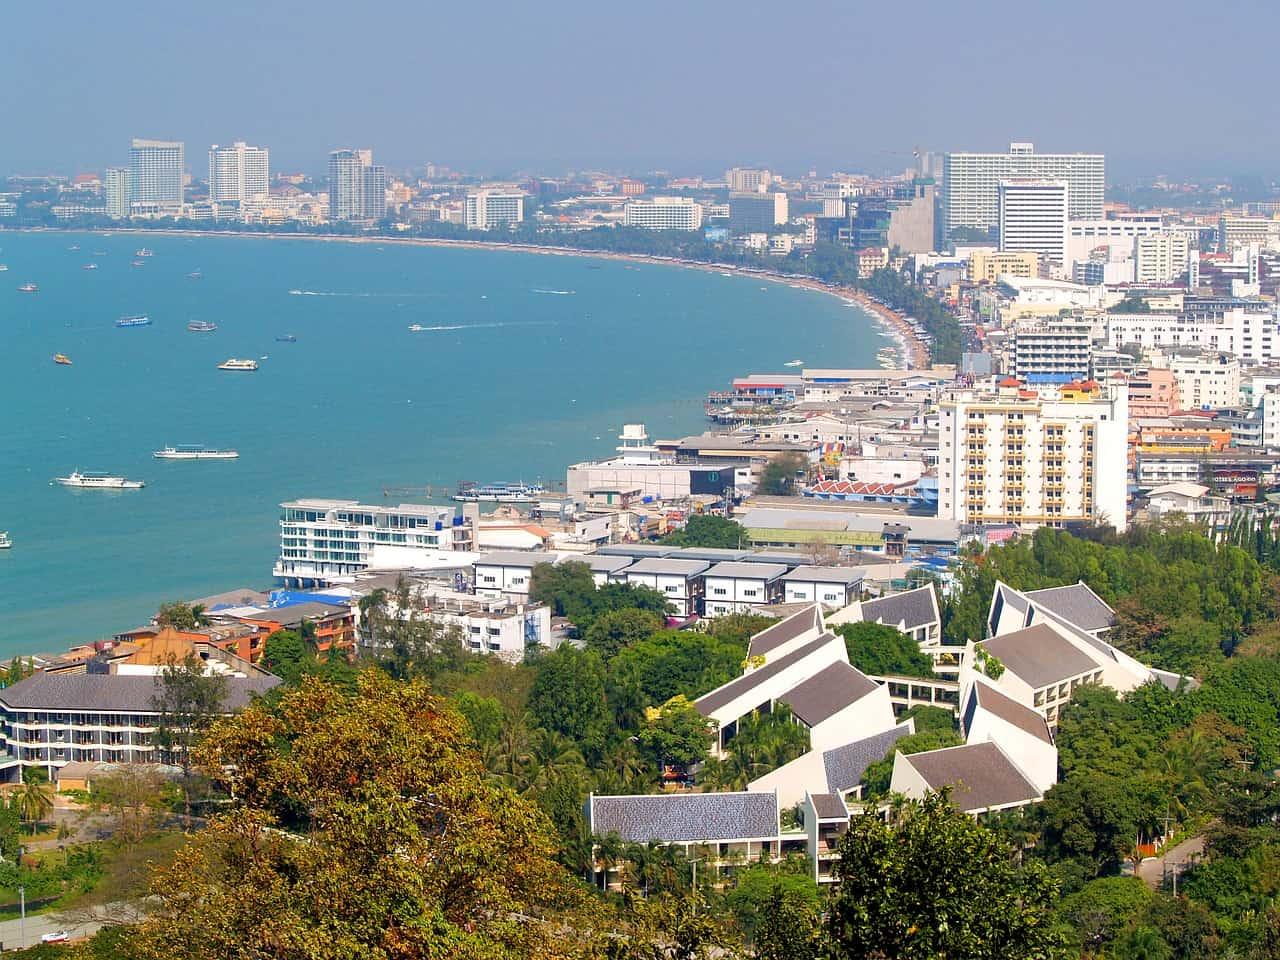 Urlaub Pattaya - 2 Wochen nur 631,00€ | Pauschalreise